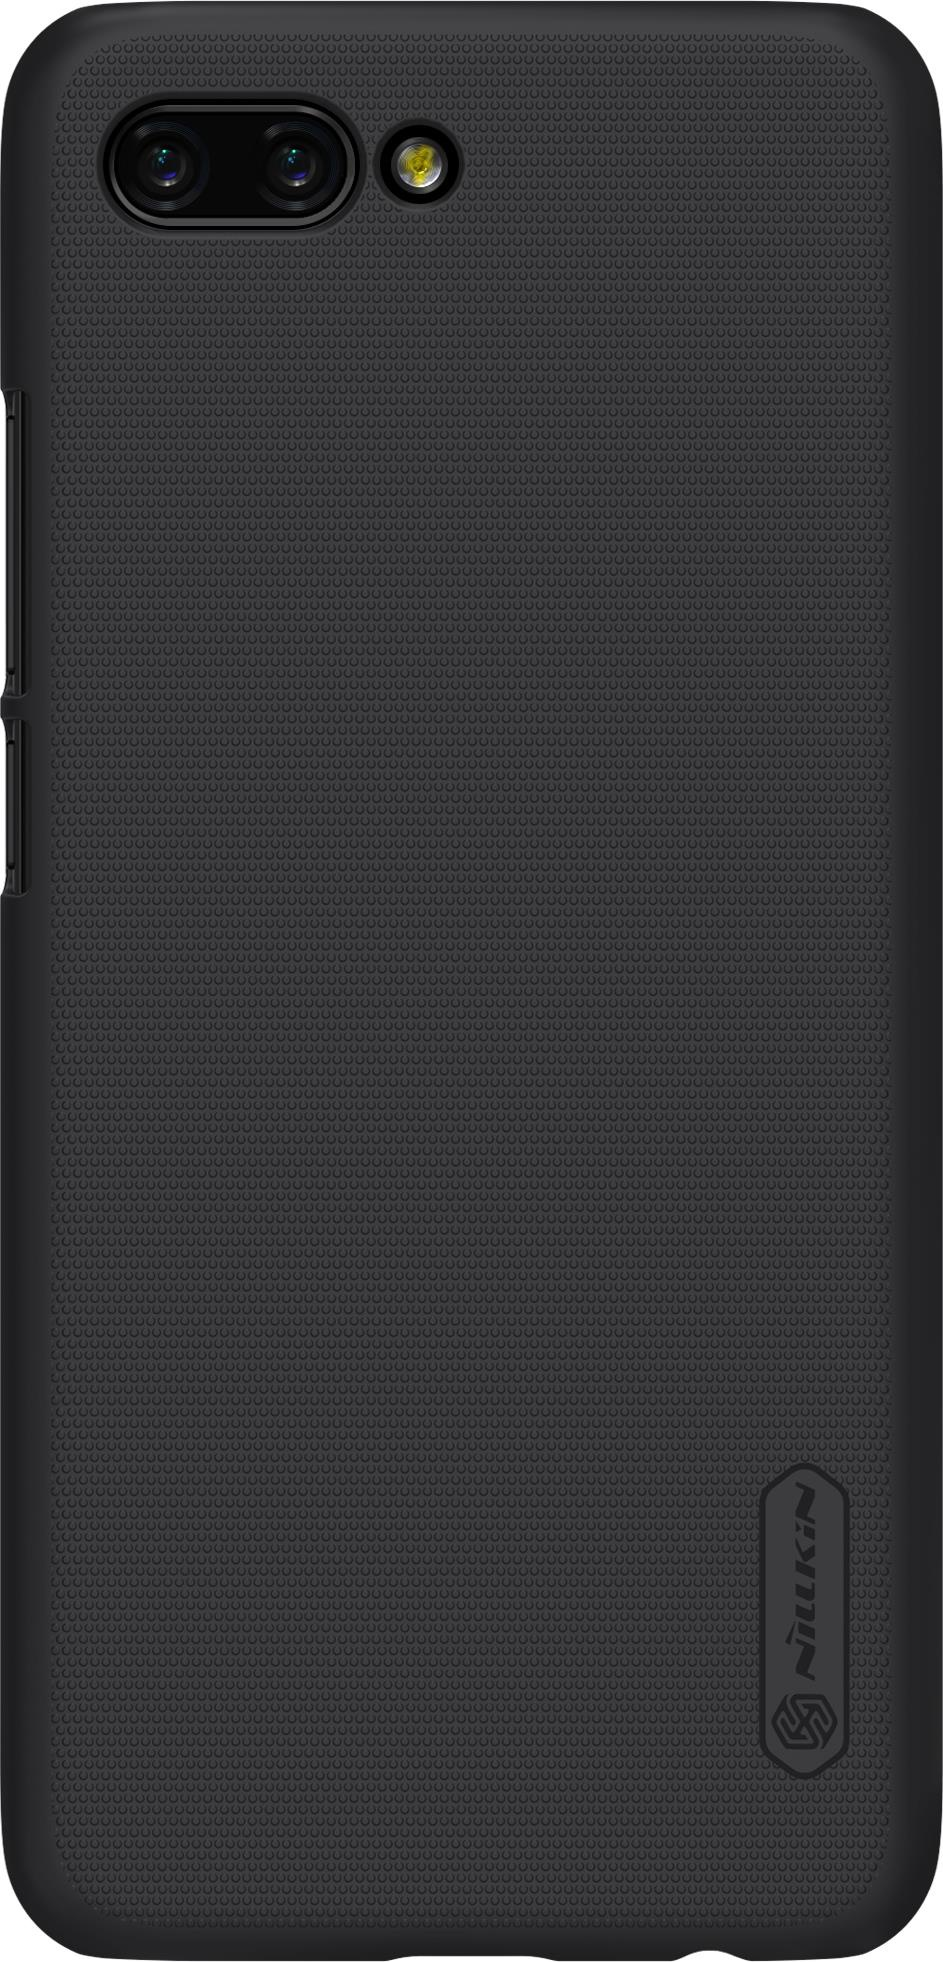 Чехол для сотового телефона Nillkin Super Frosted, 6902048157224, черный